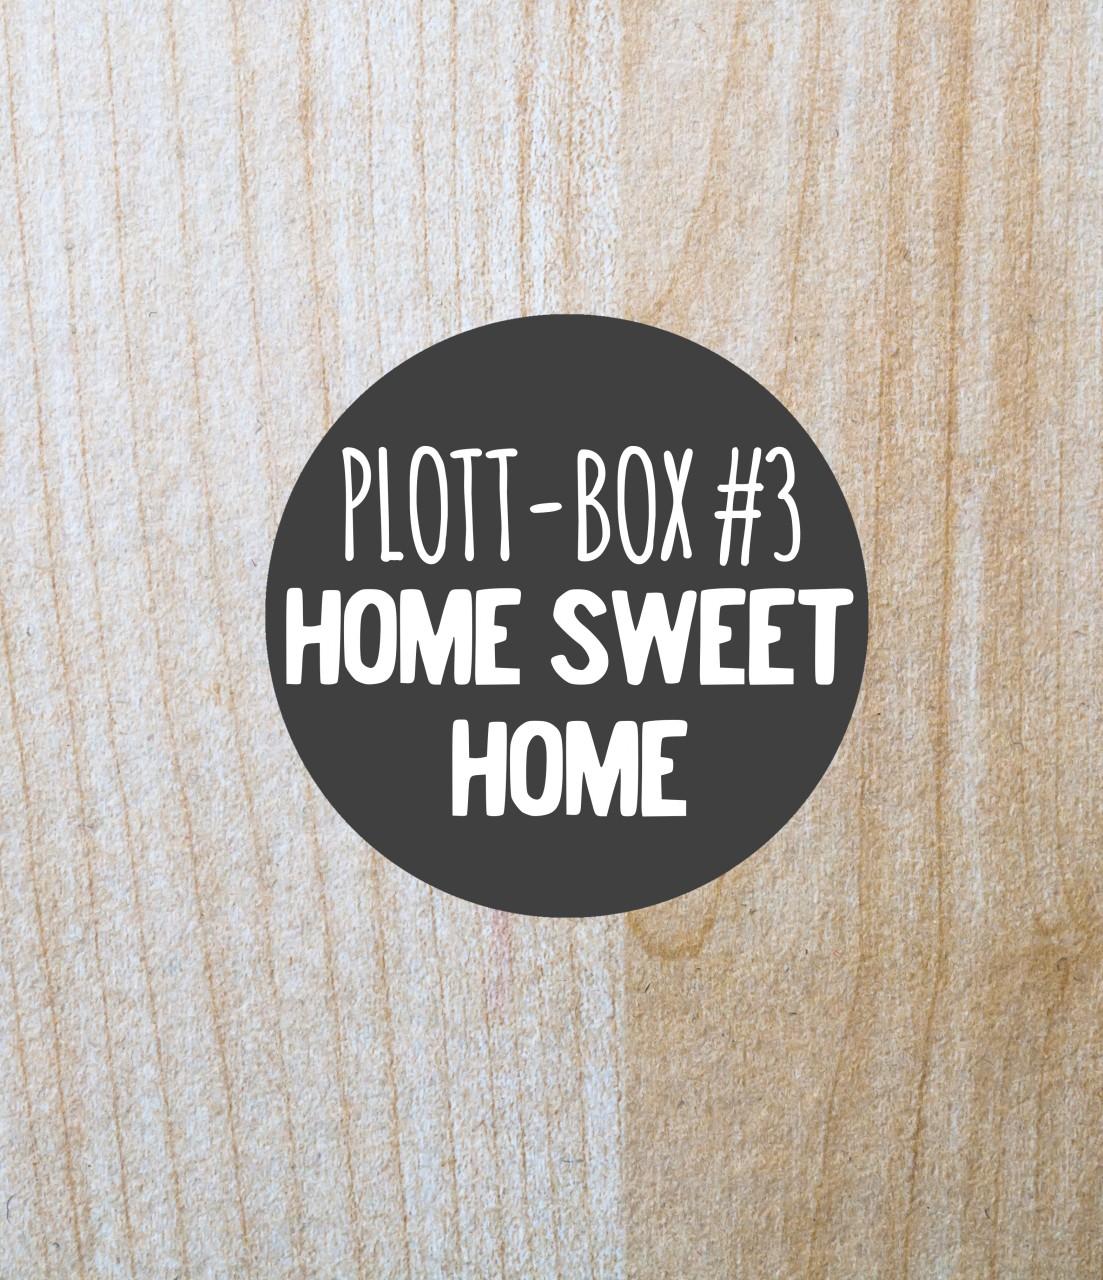 Deine Plottbox #3 home sweet home *HOLZ* / DIY Projekte für den Plotter inkl. Vorlagen, Material und